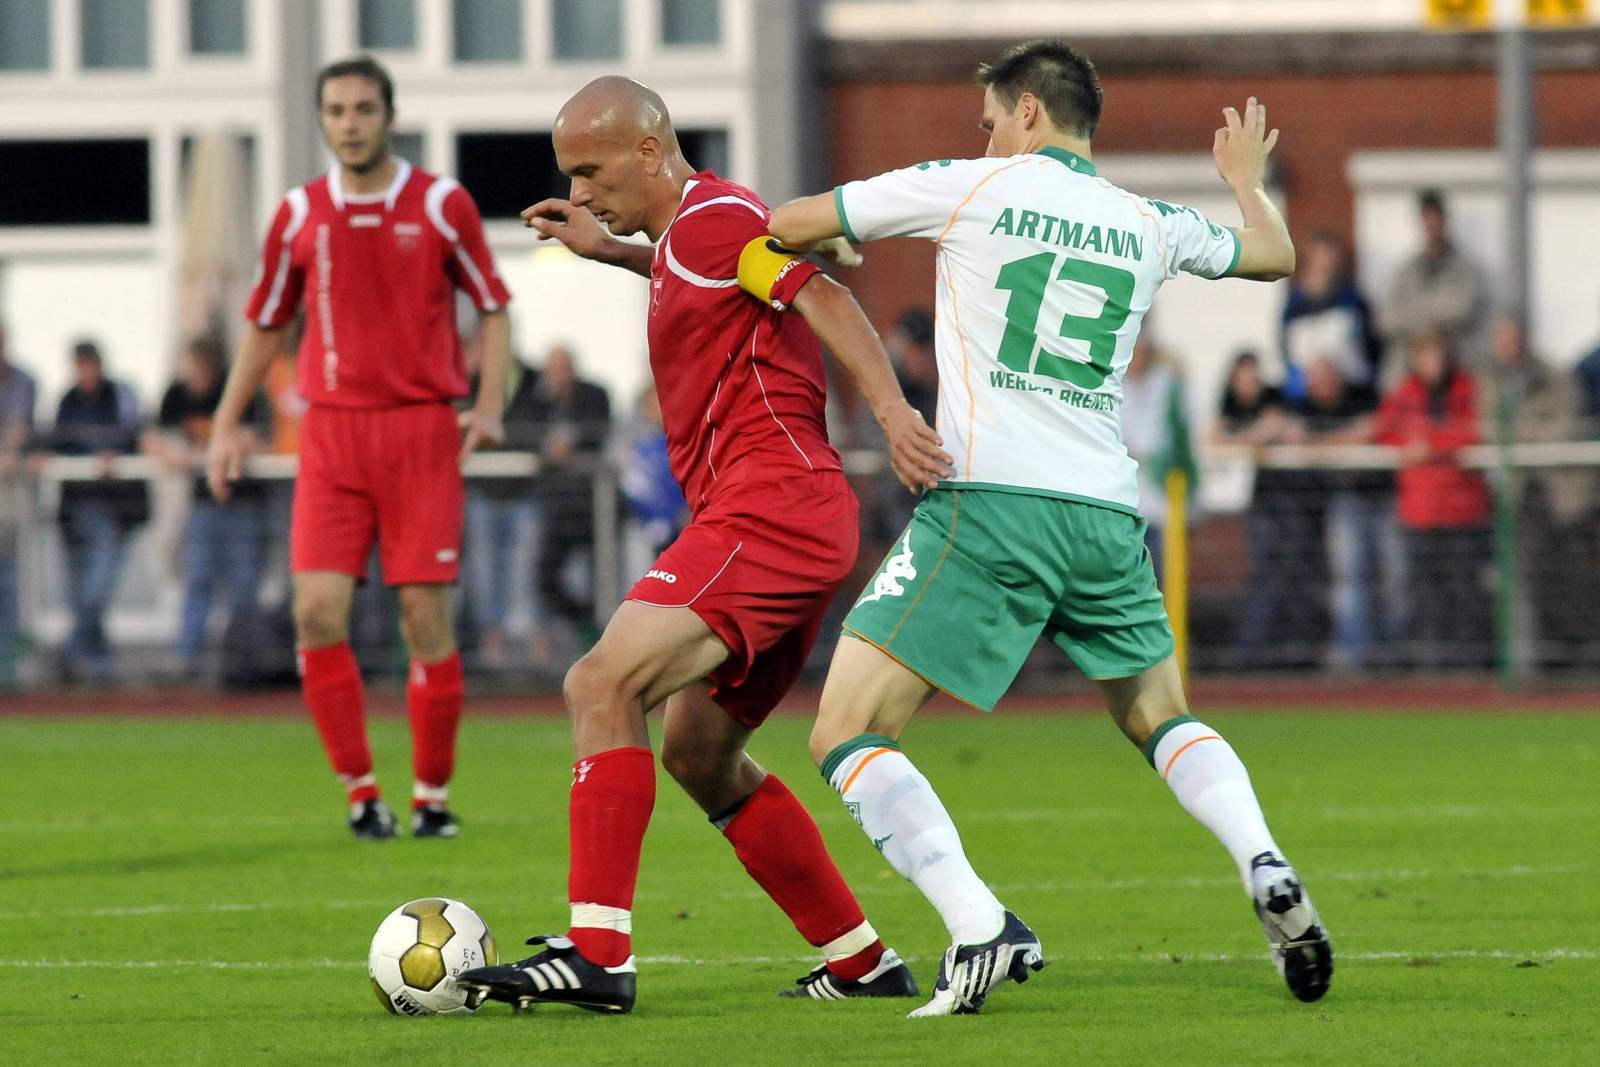 Rudi Zedi behauptet den Ball gegen Kevin Artmann